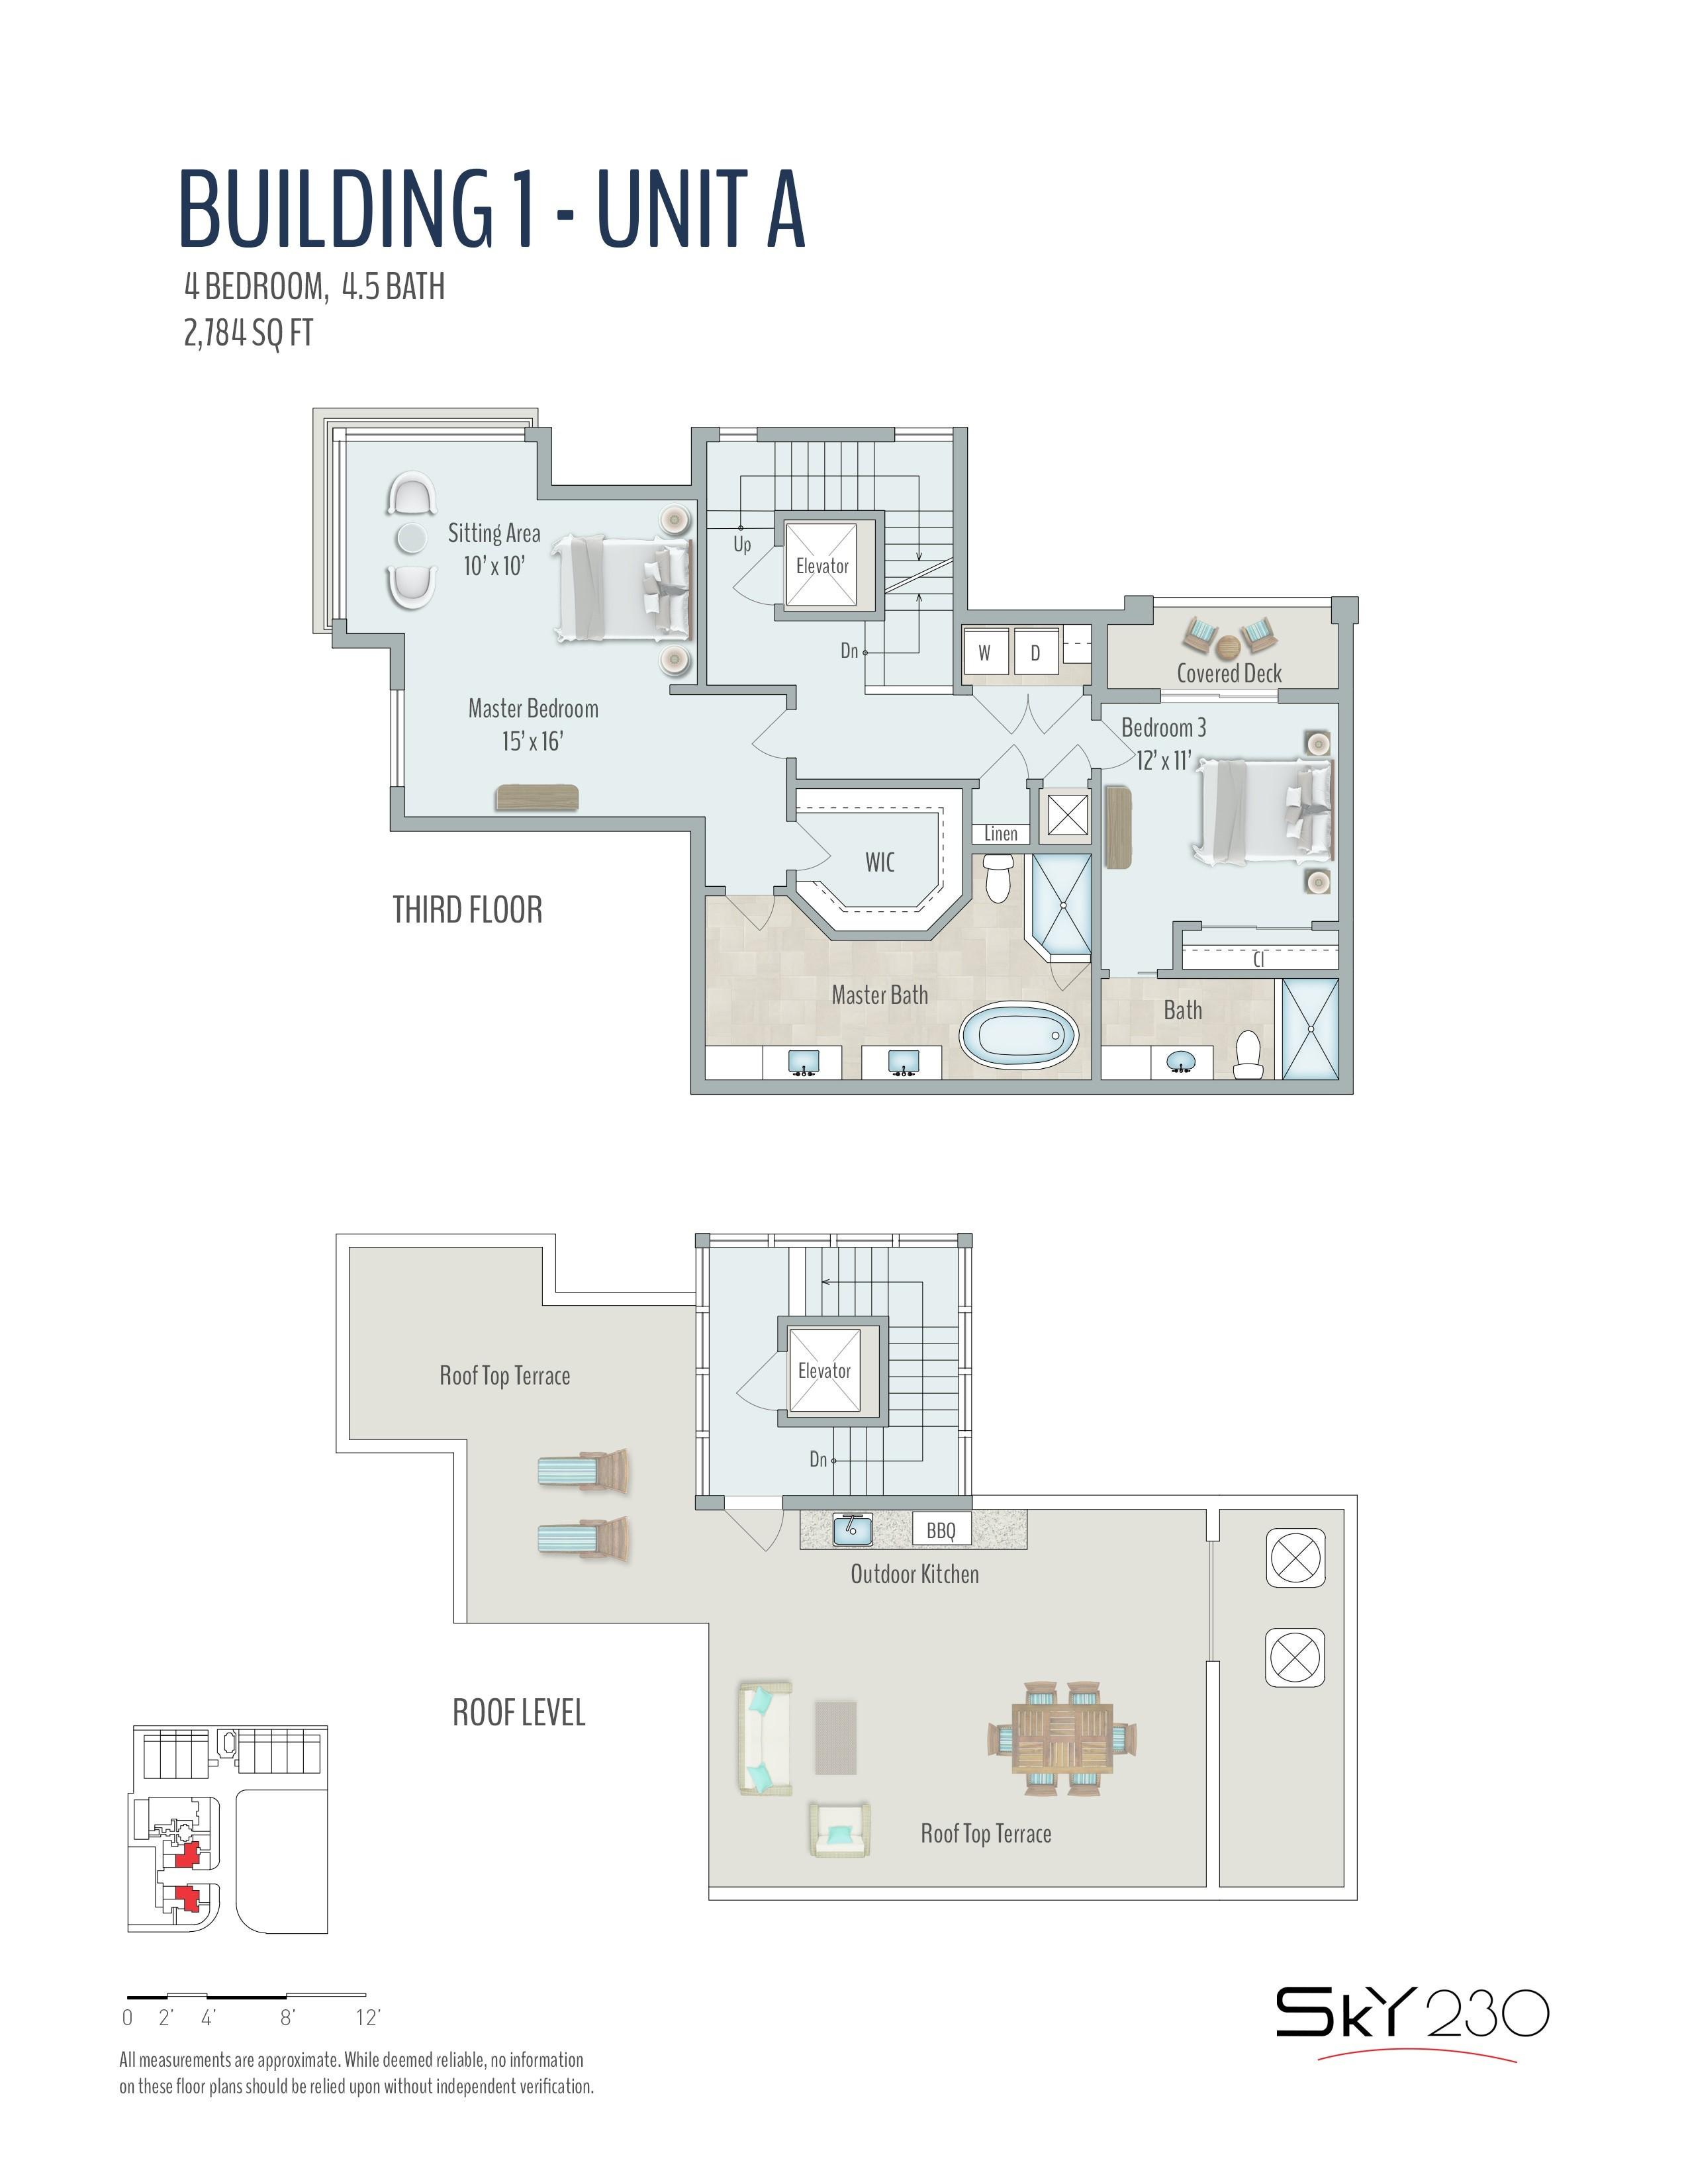 Sky230 Part No 250 15 255 8 260 4 261 5 Model A 34 Floors